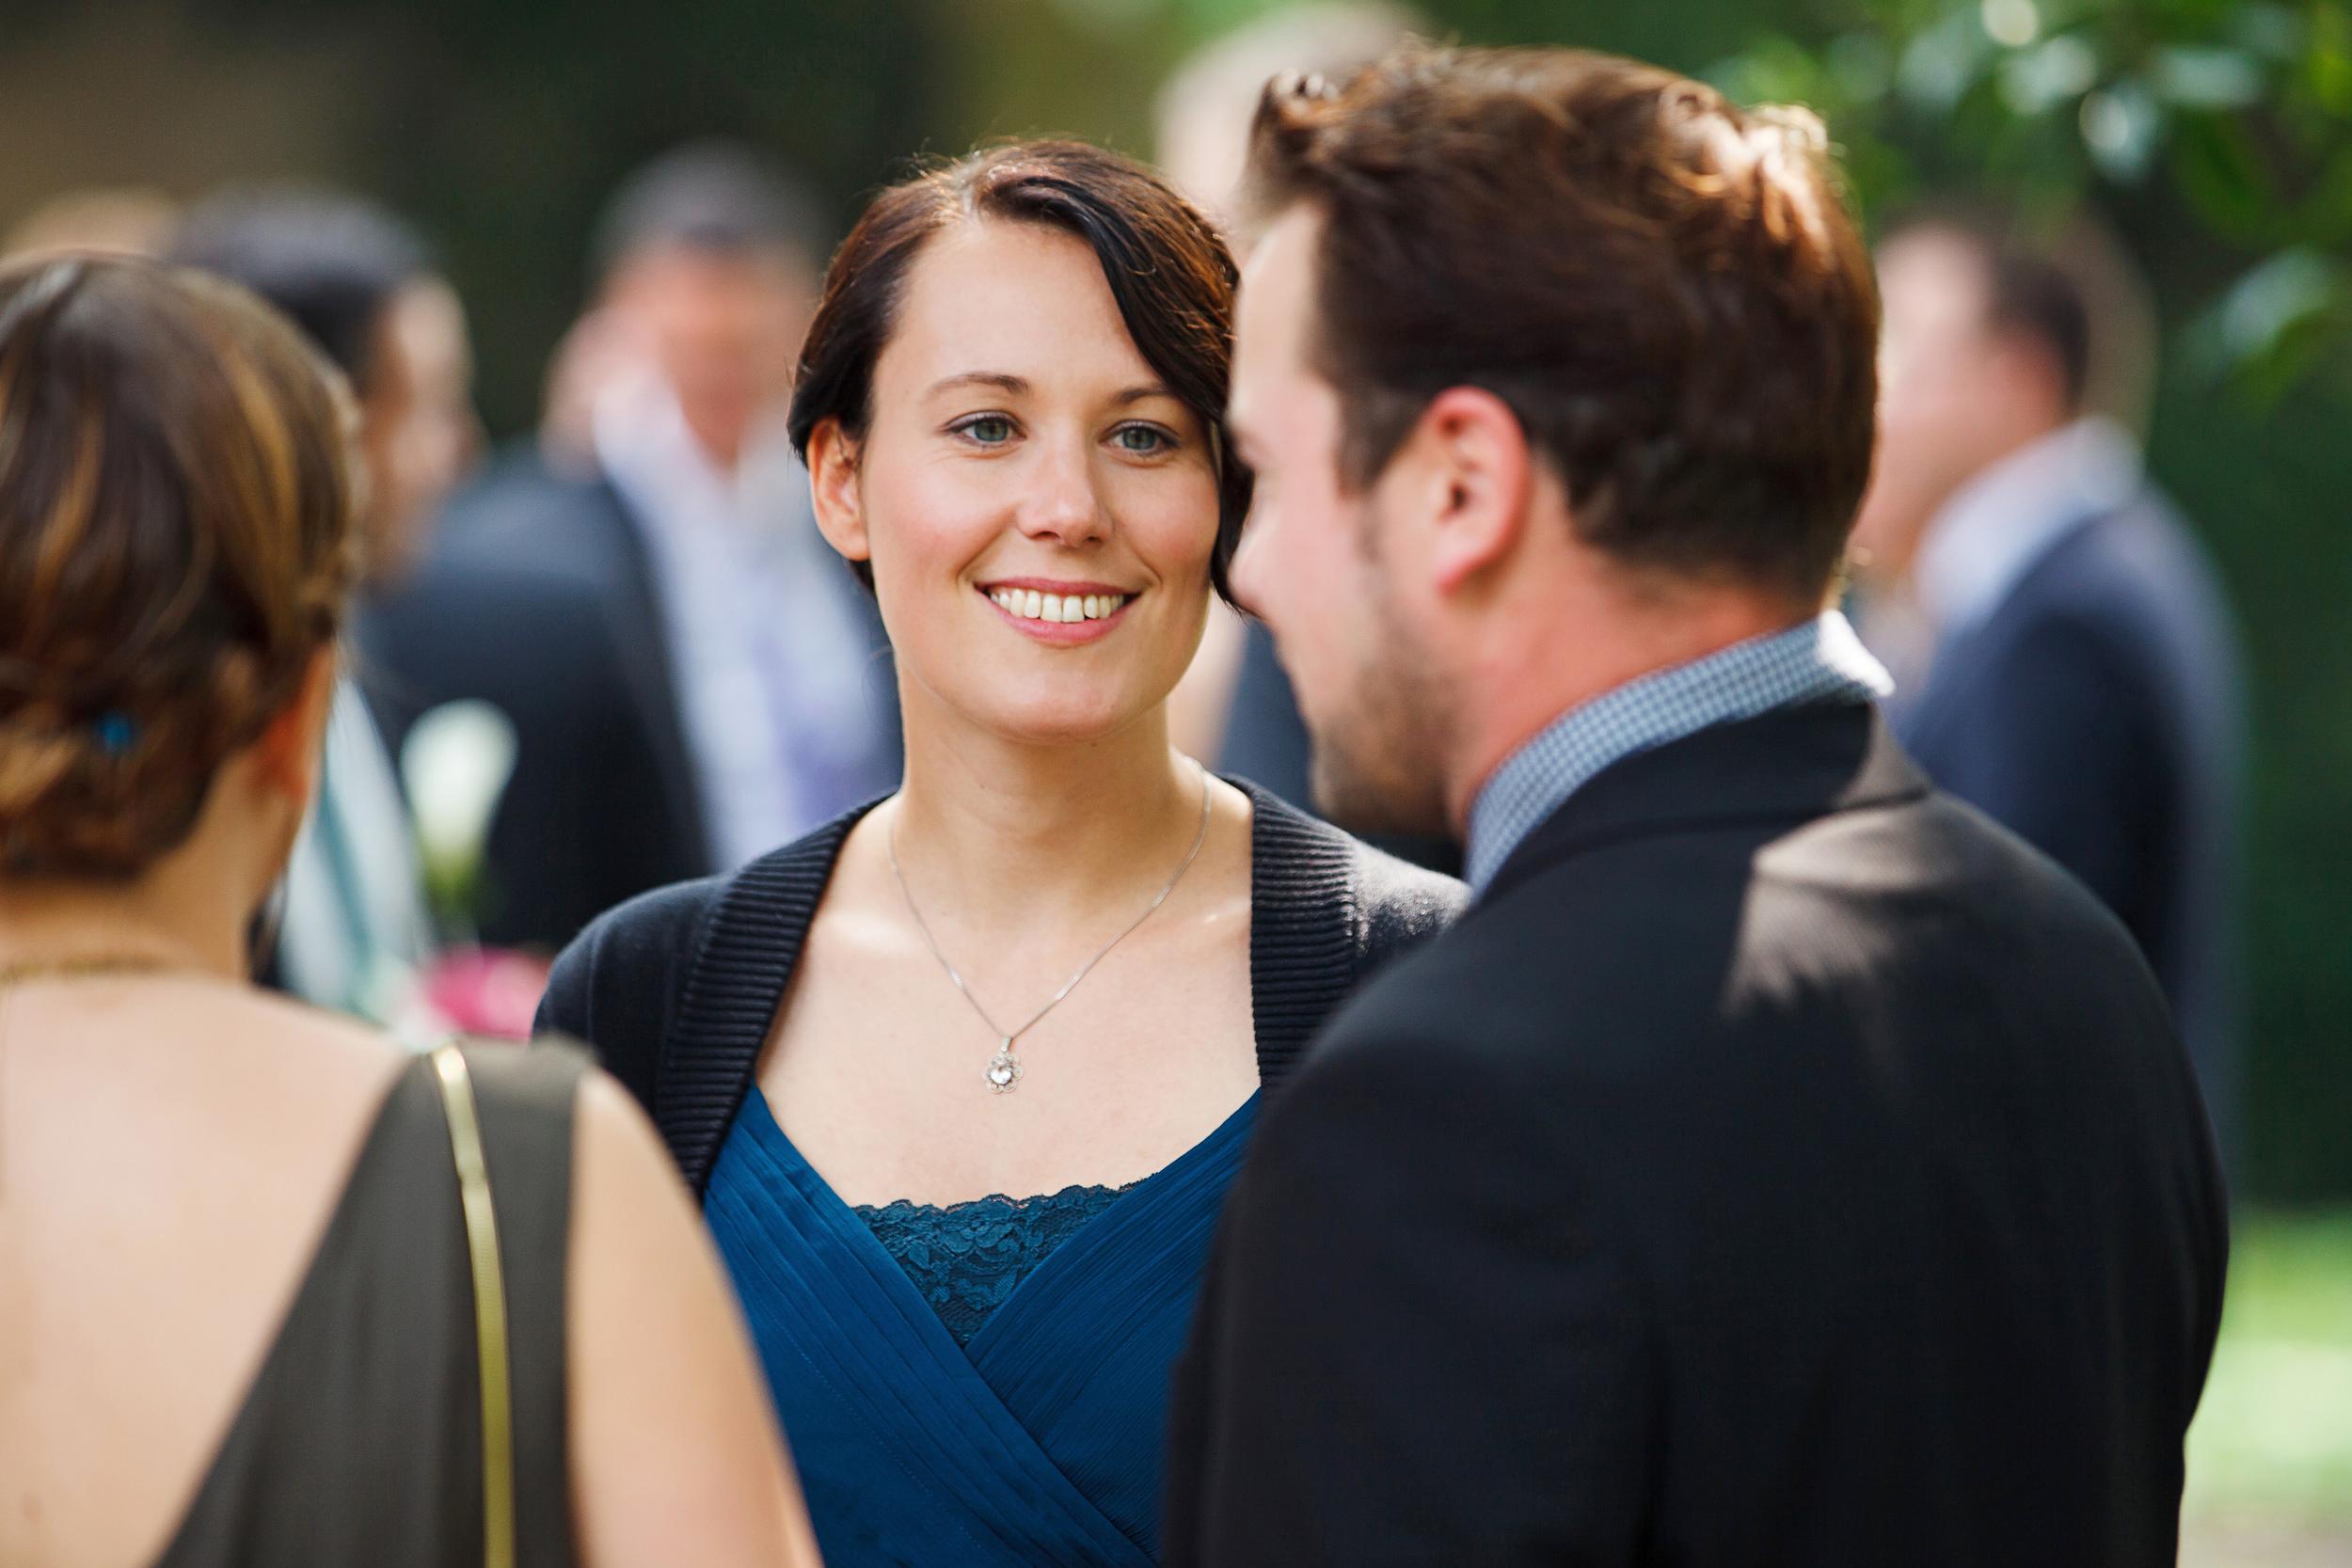 Hochzeit_178.jpg